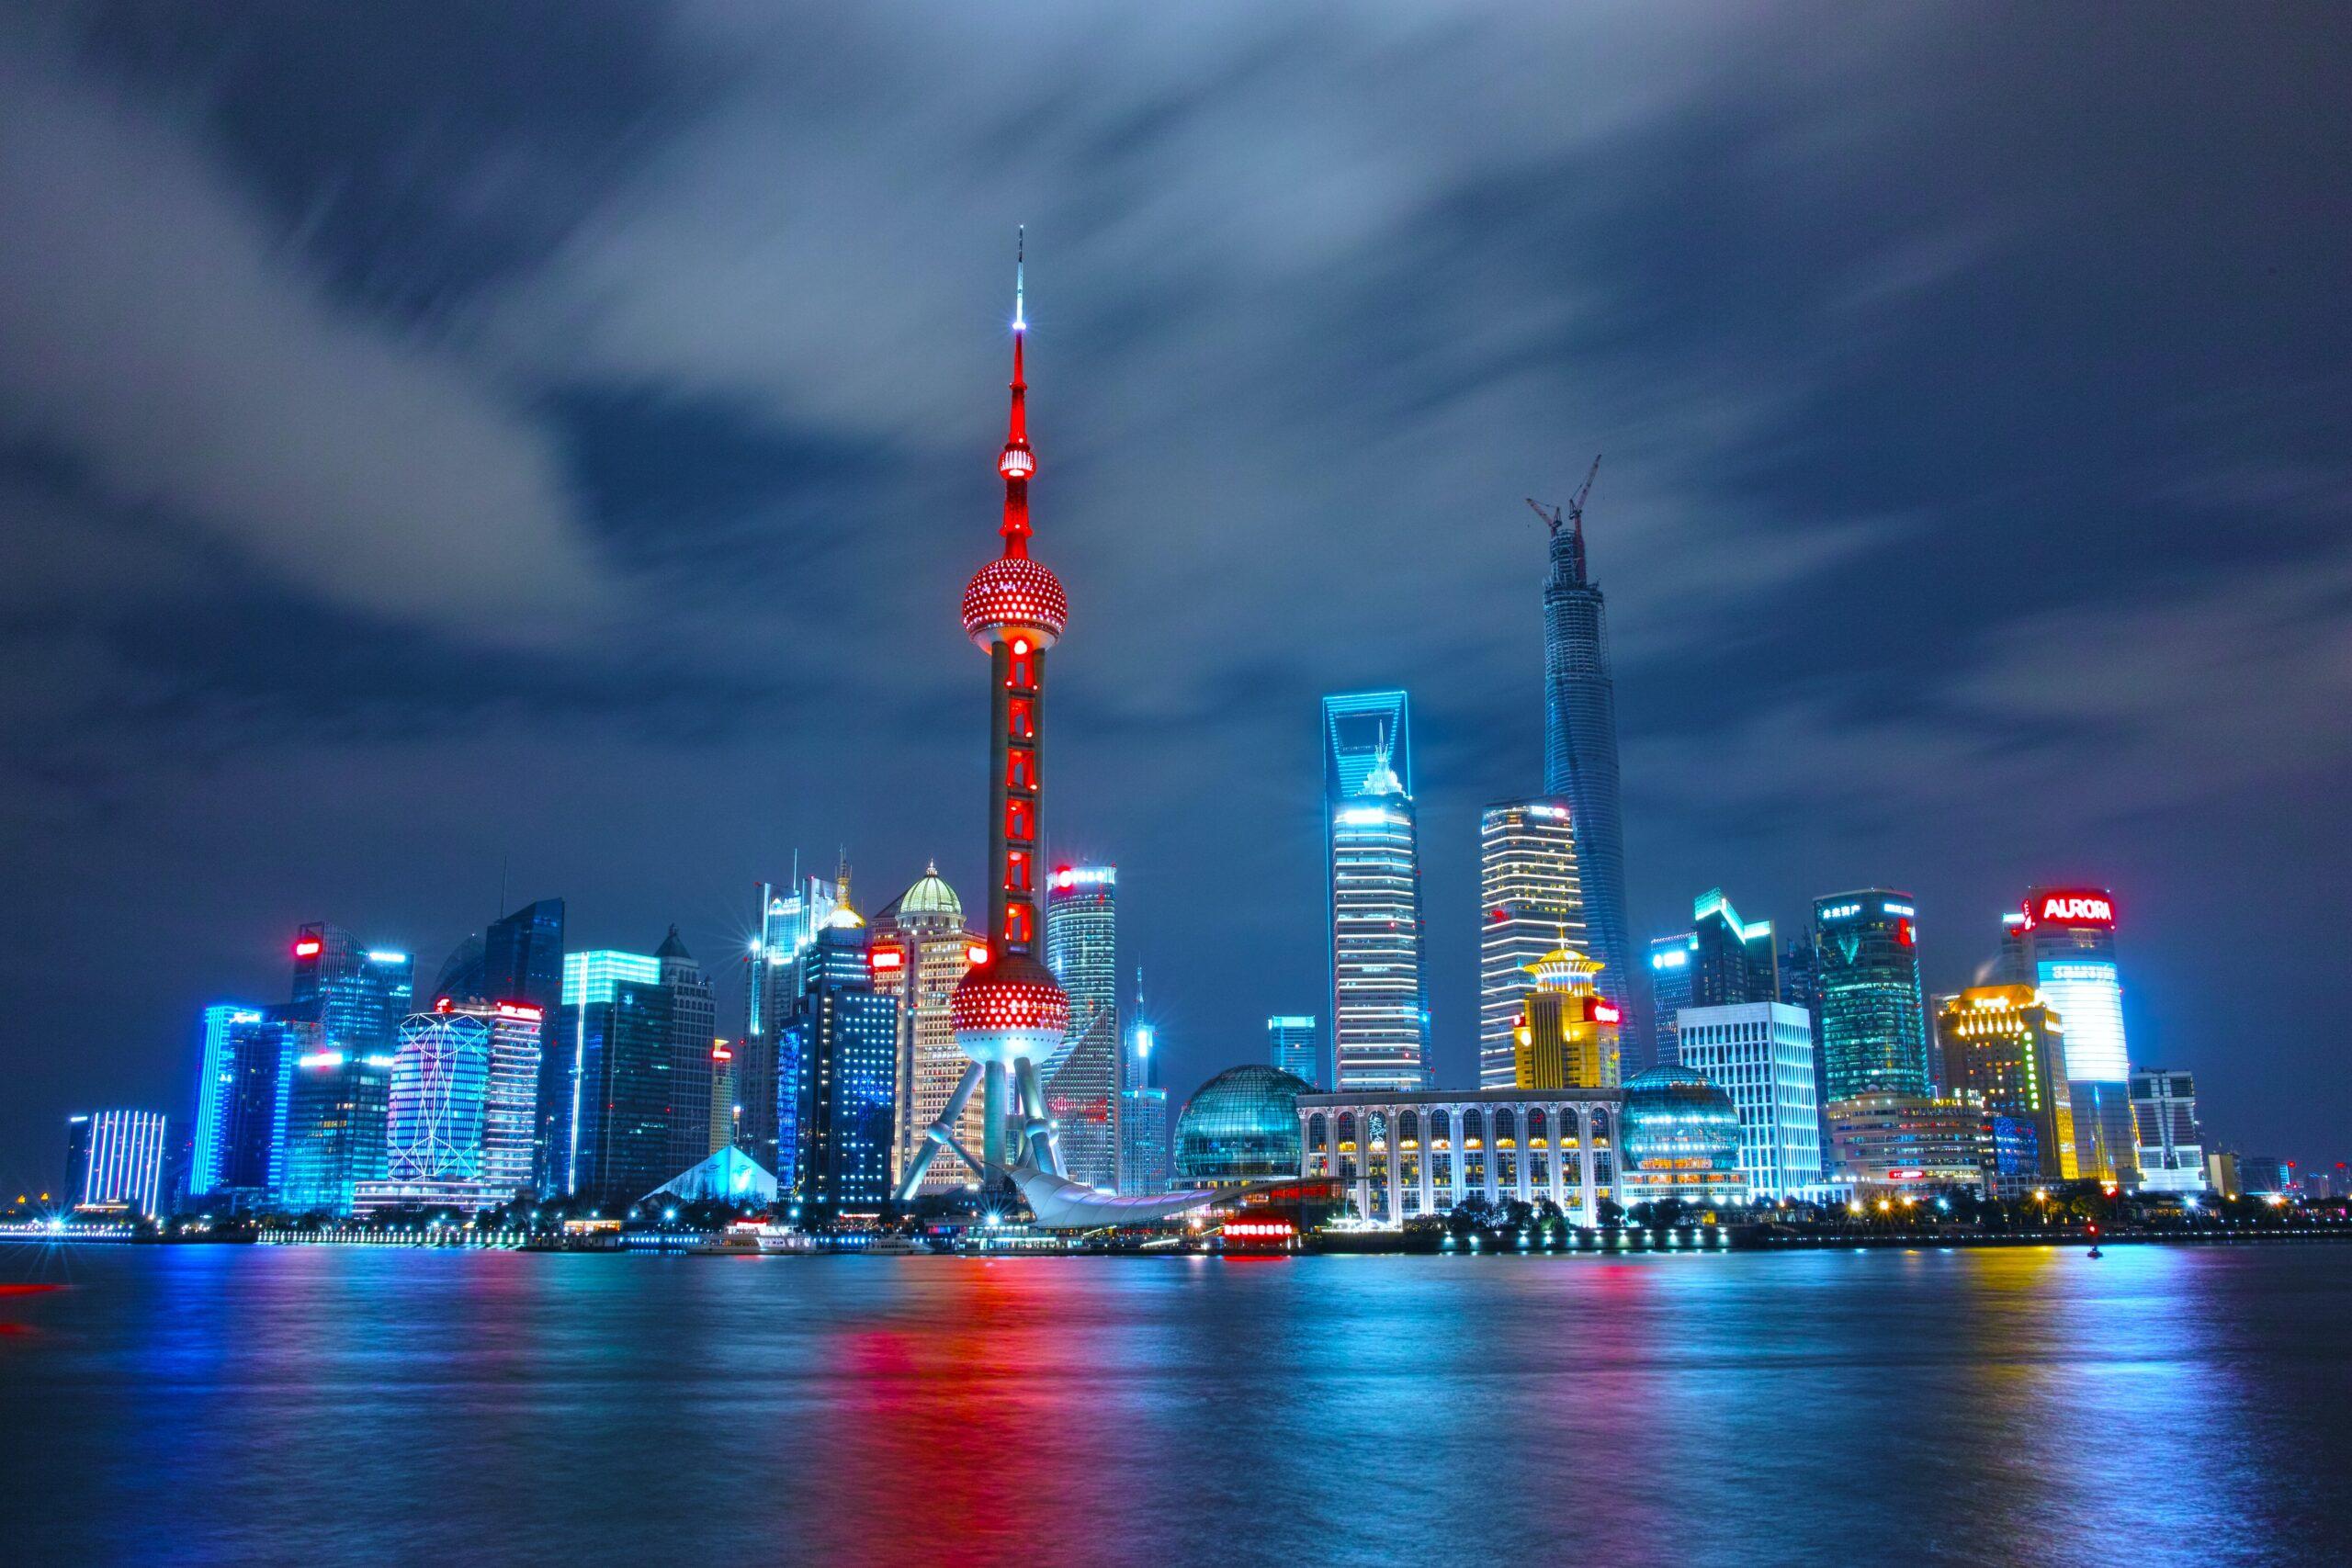 中国で進められているSDGs目標4「質の高い教育をみんなに」とは